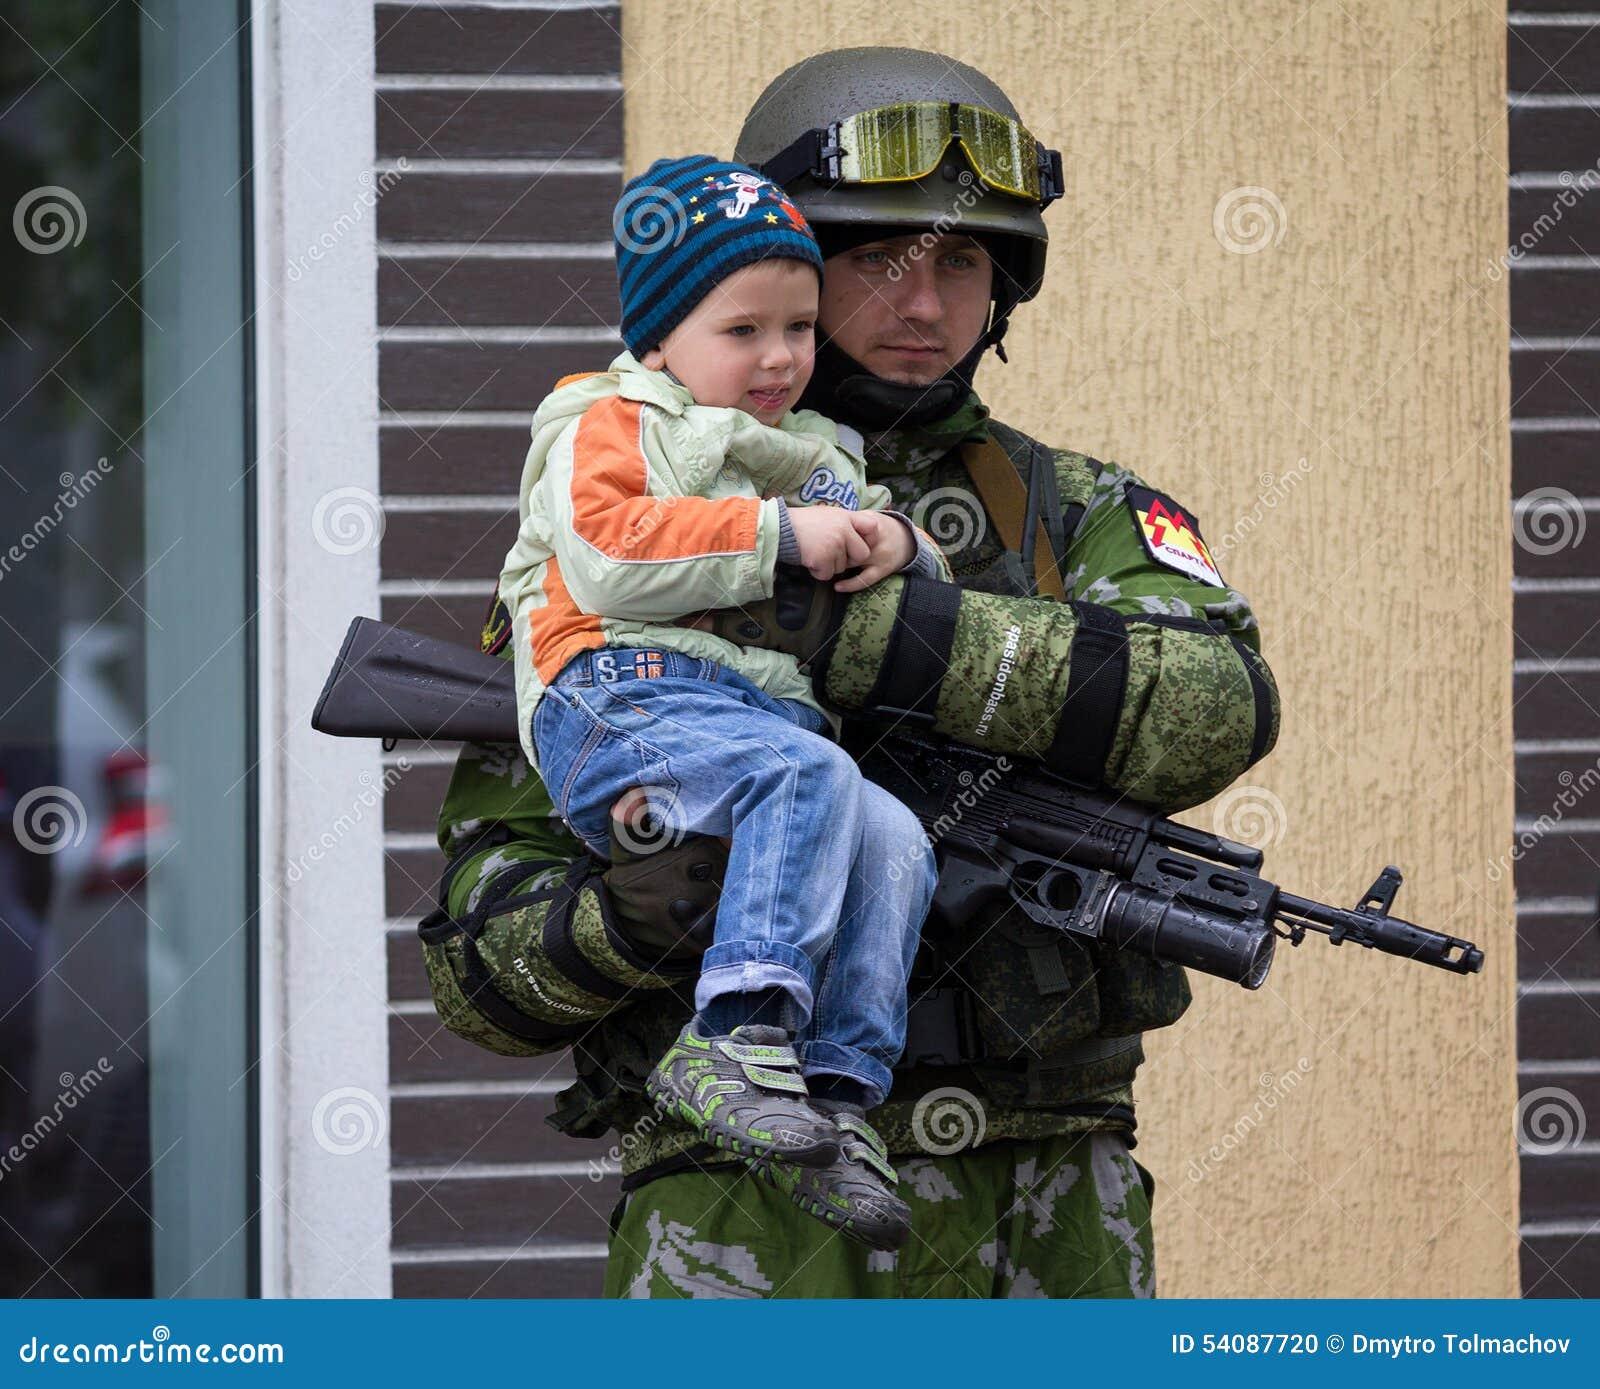 Donetsk - Mei 9, 2015: De Volksrepubliek van Donetsk van het militairleger is